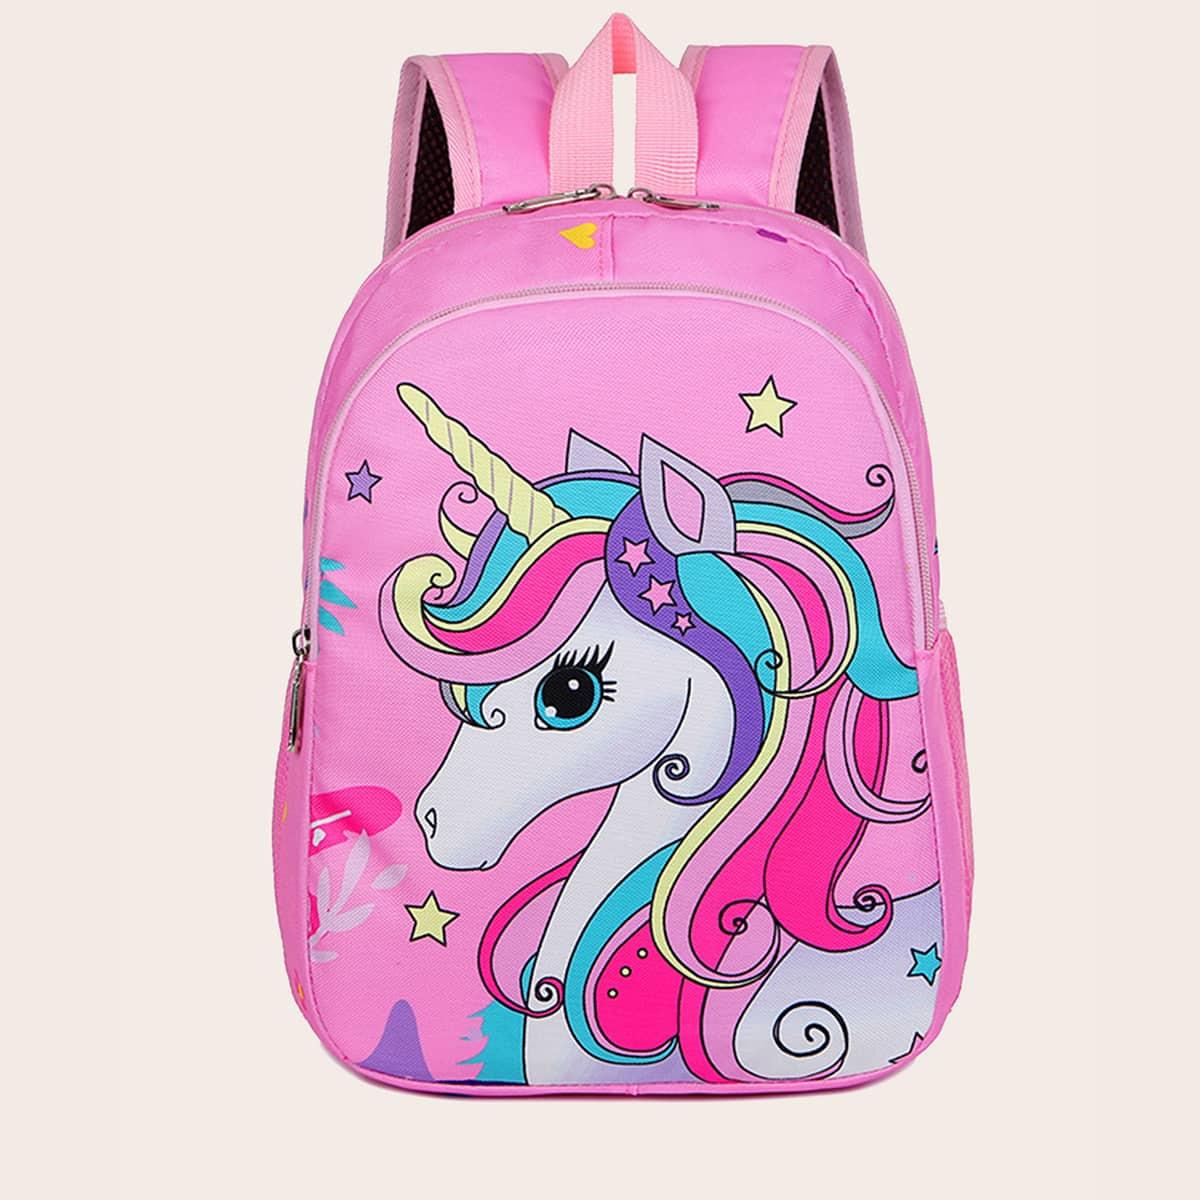 Рюкзак с рисунком единорога для девочек SheIn sk2107113546693317